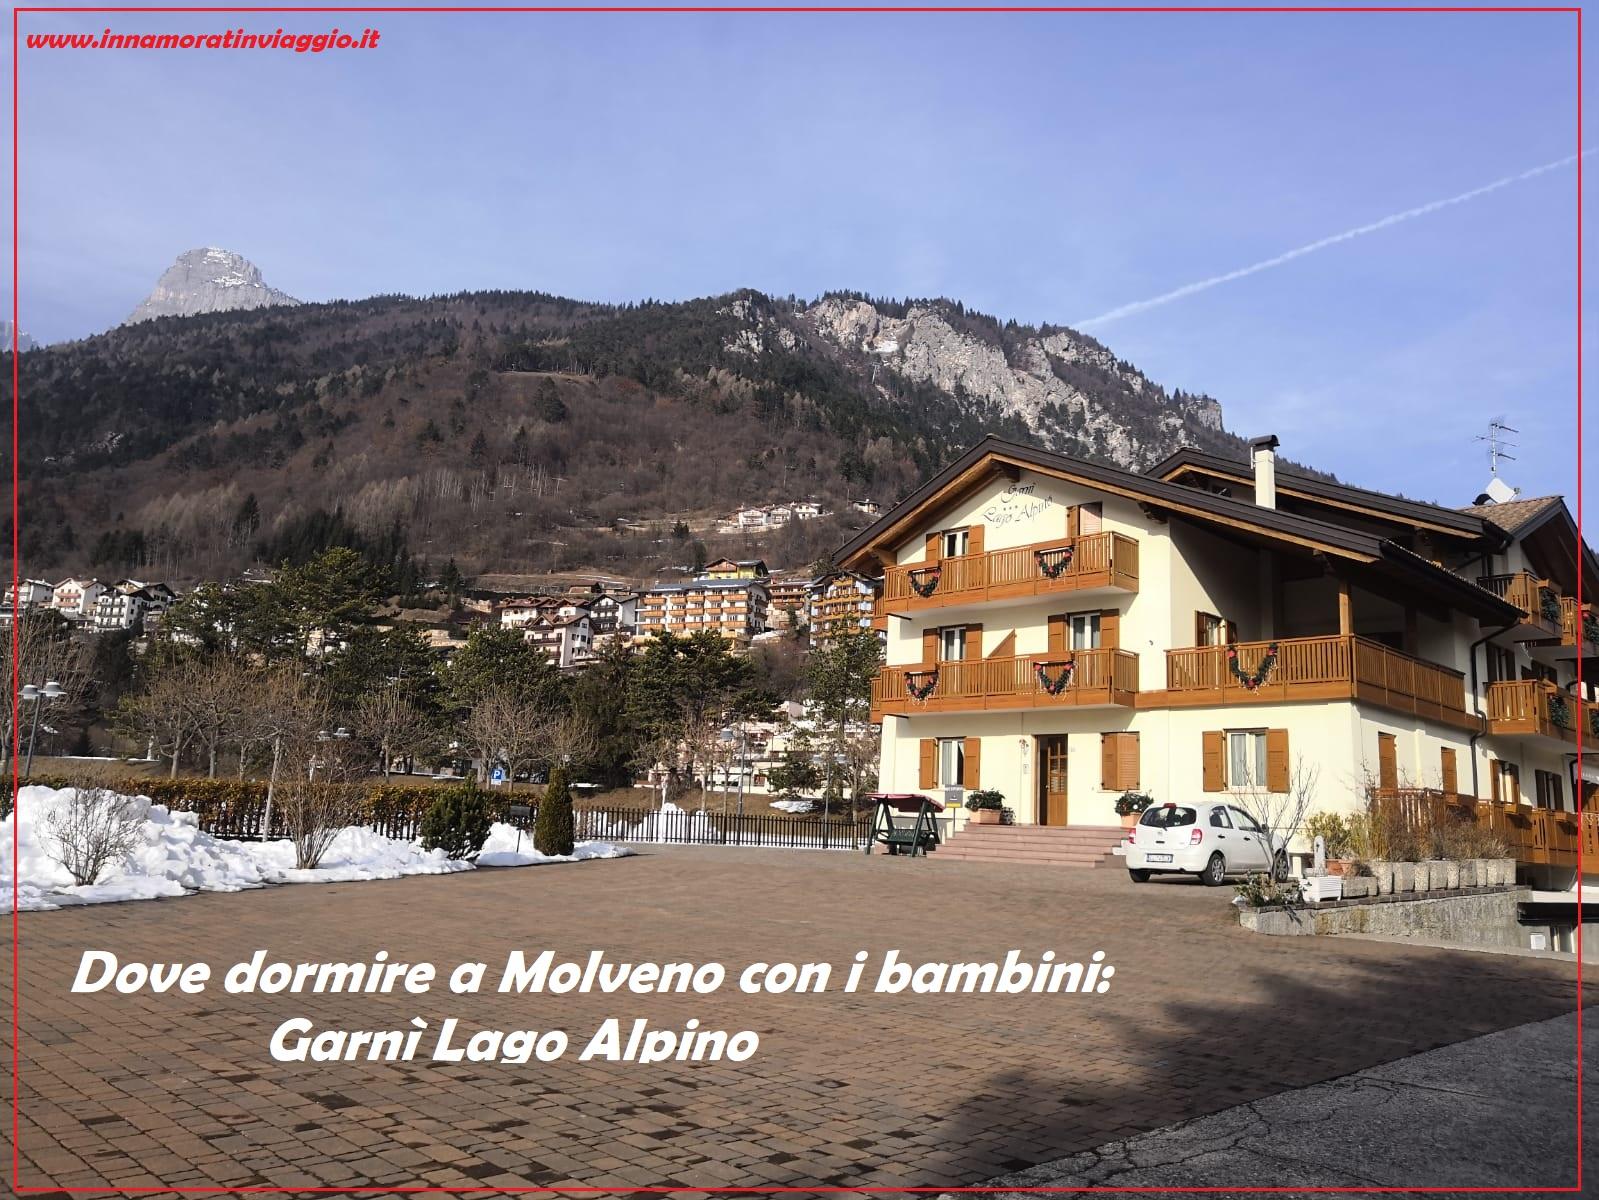 Dove dormire a Molveno con i bambini: Garnì Lago Alpino ...